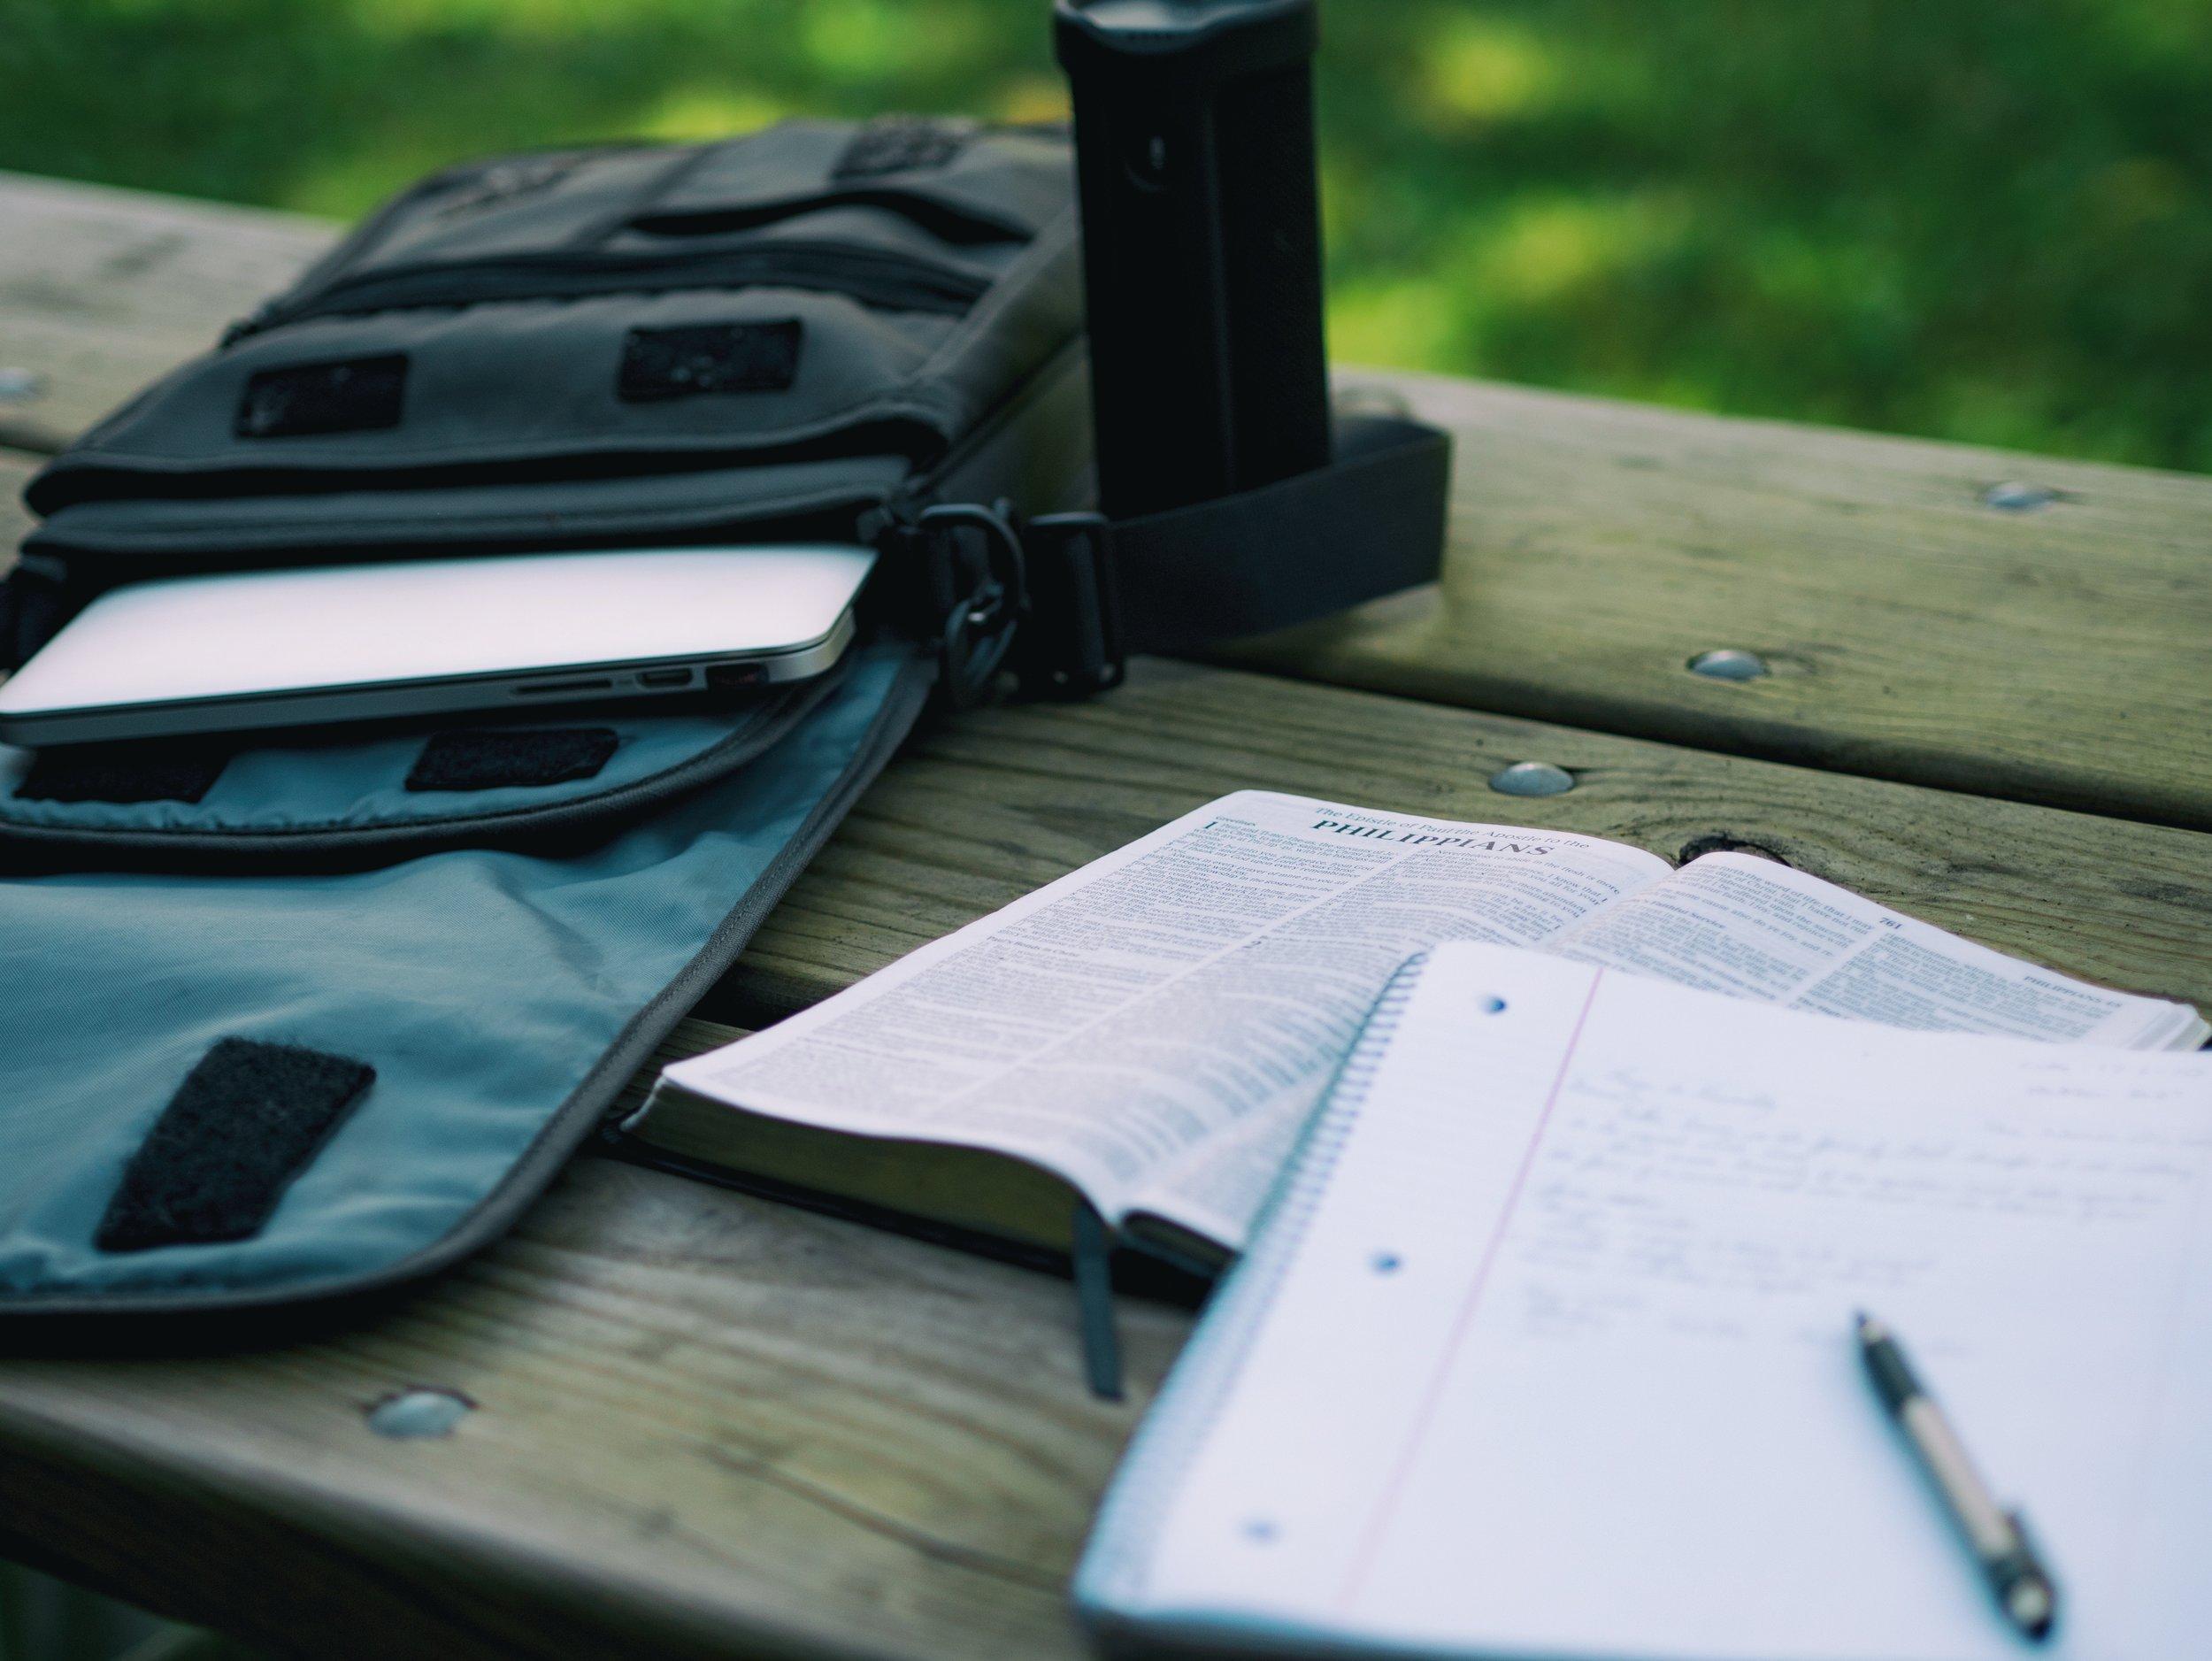 notebook backpack.jpg